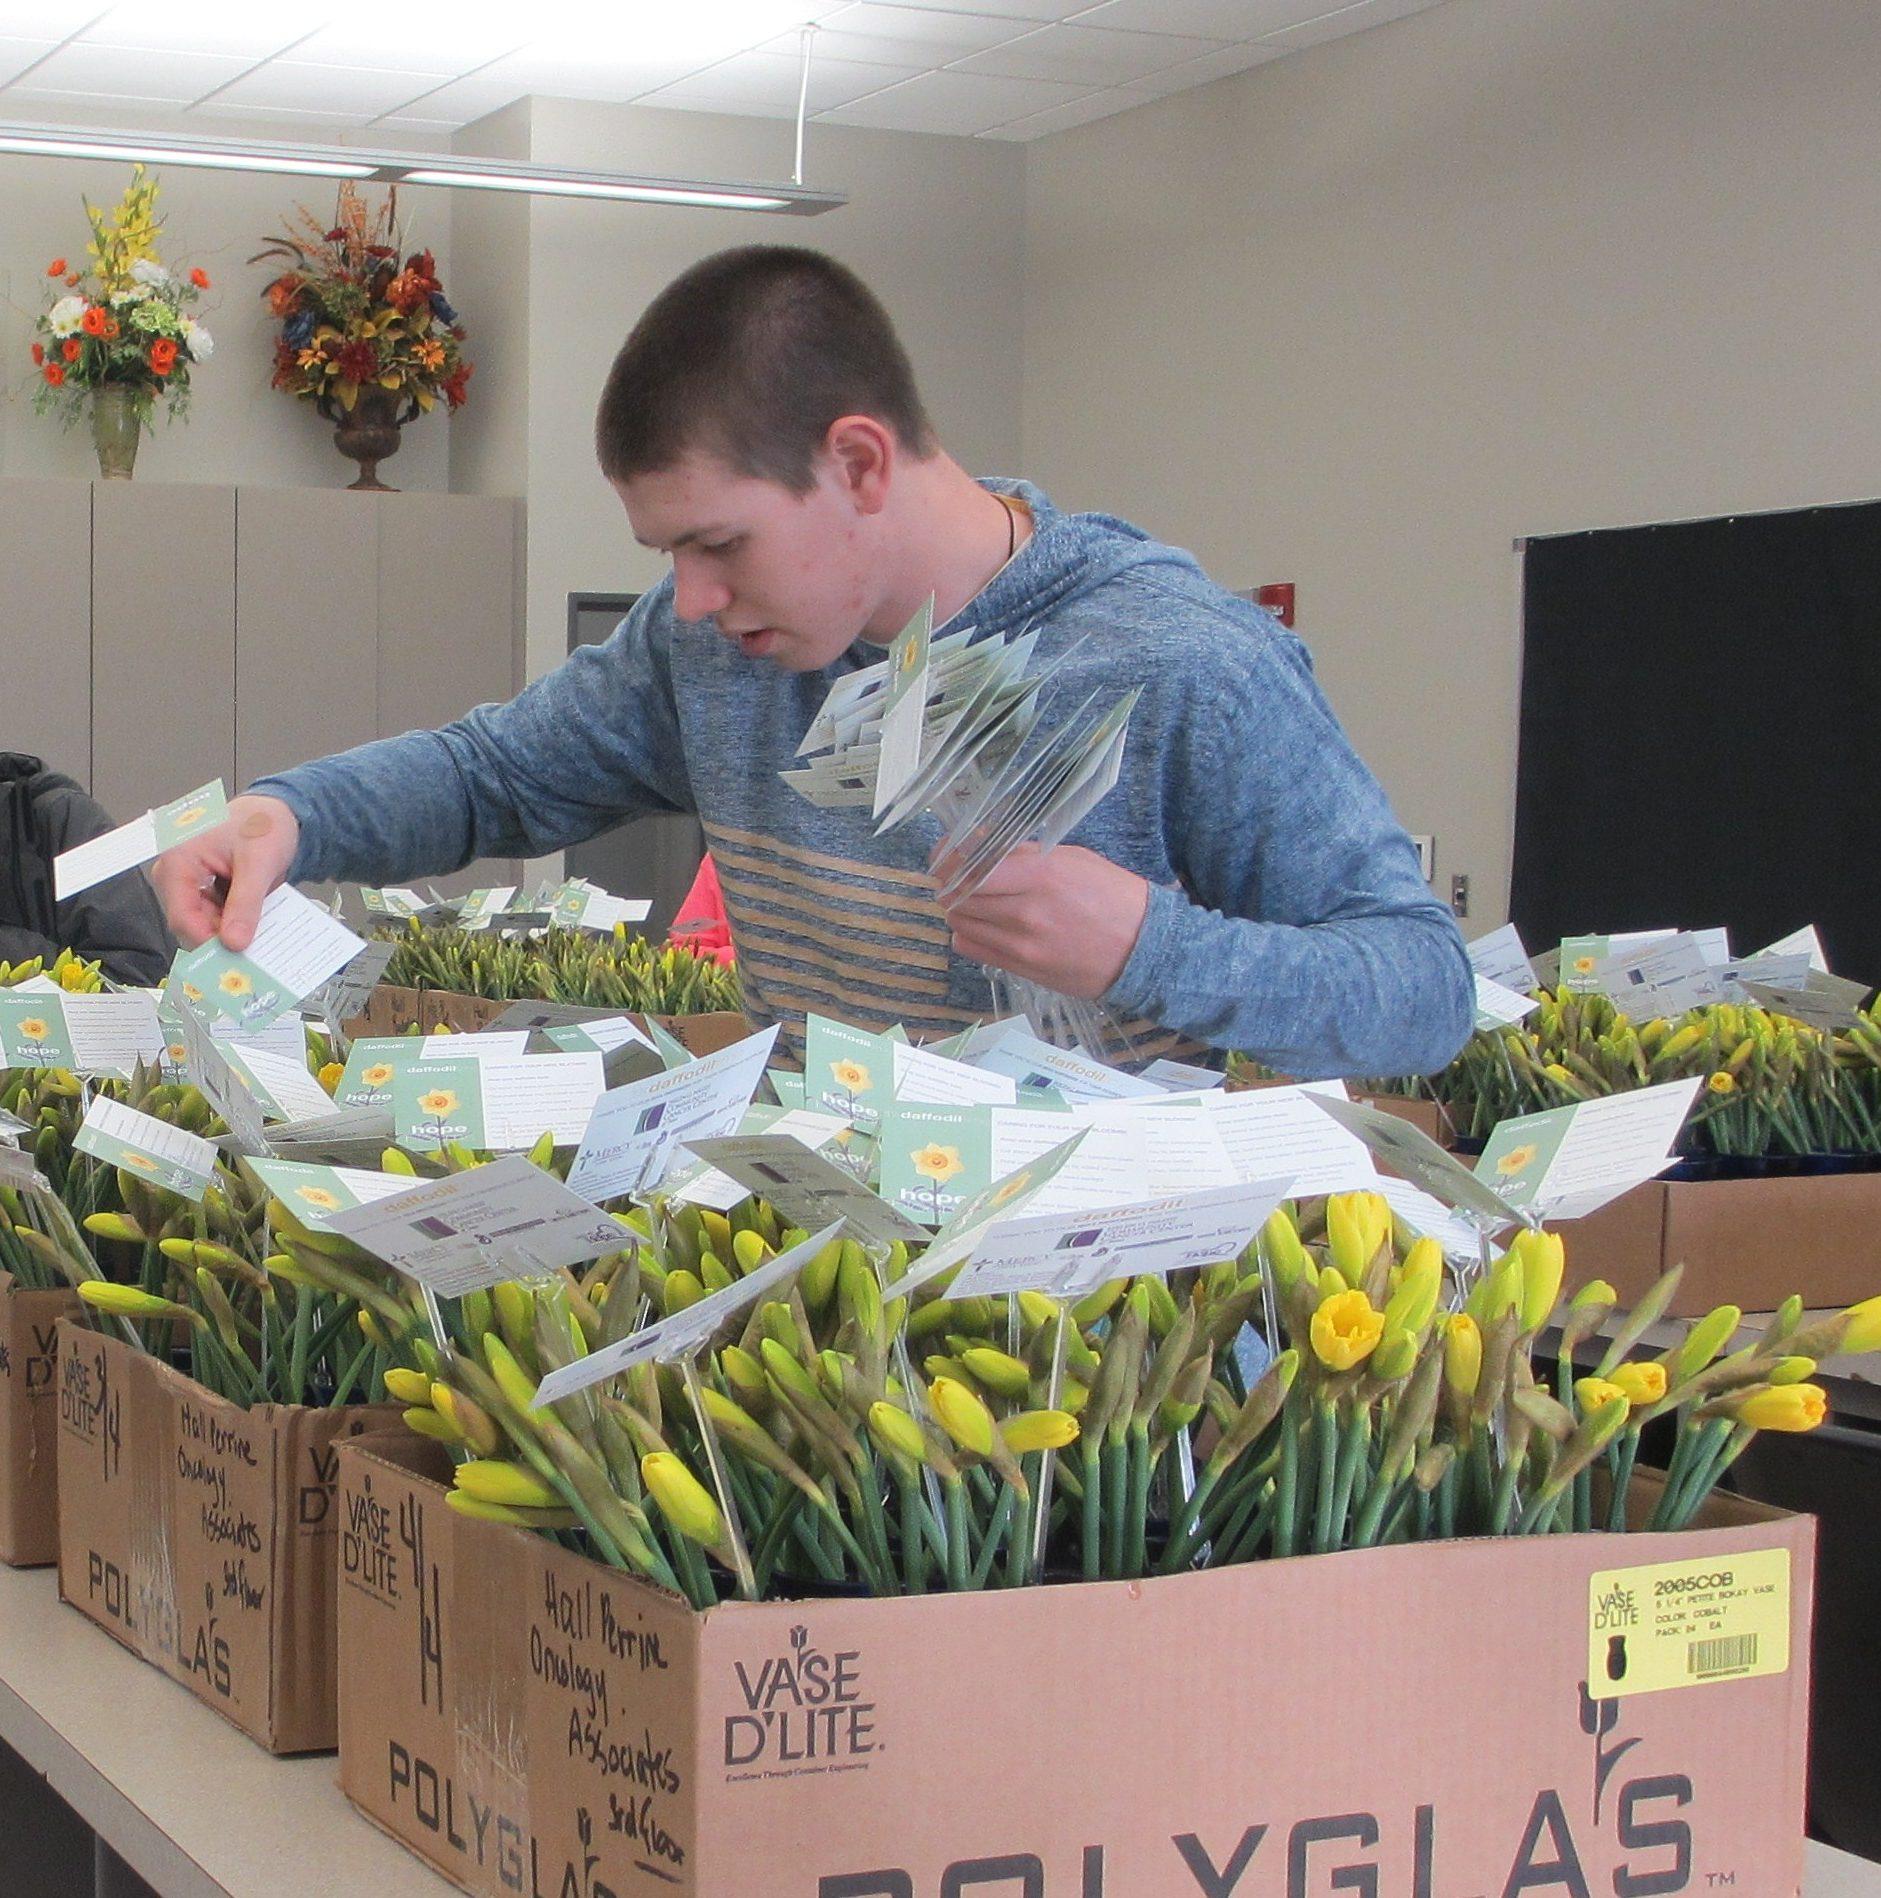 National Volunteer Month: Service Enterprise